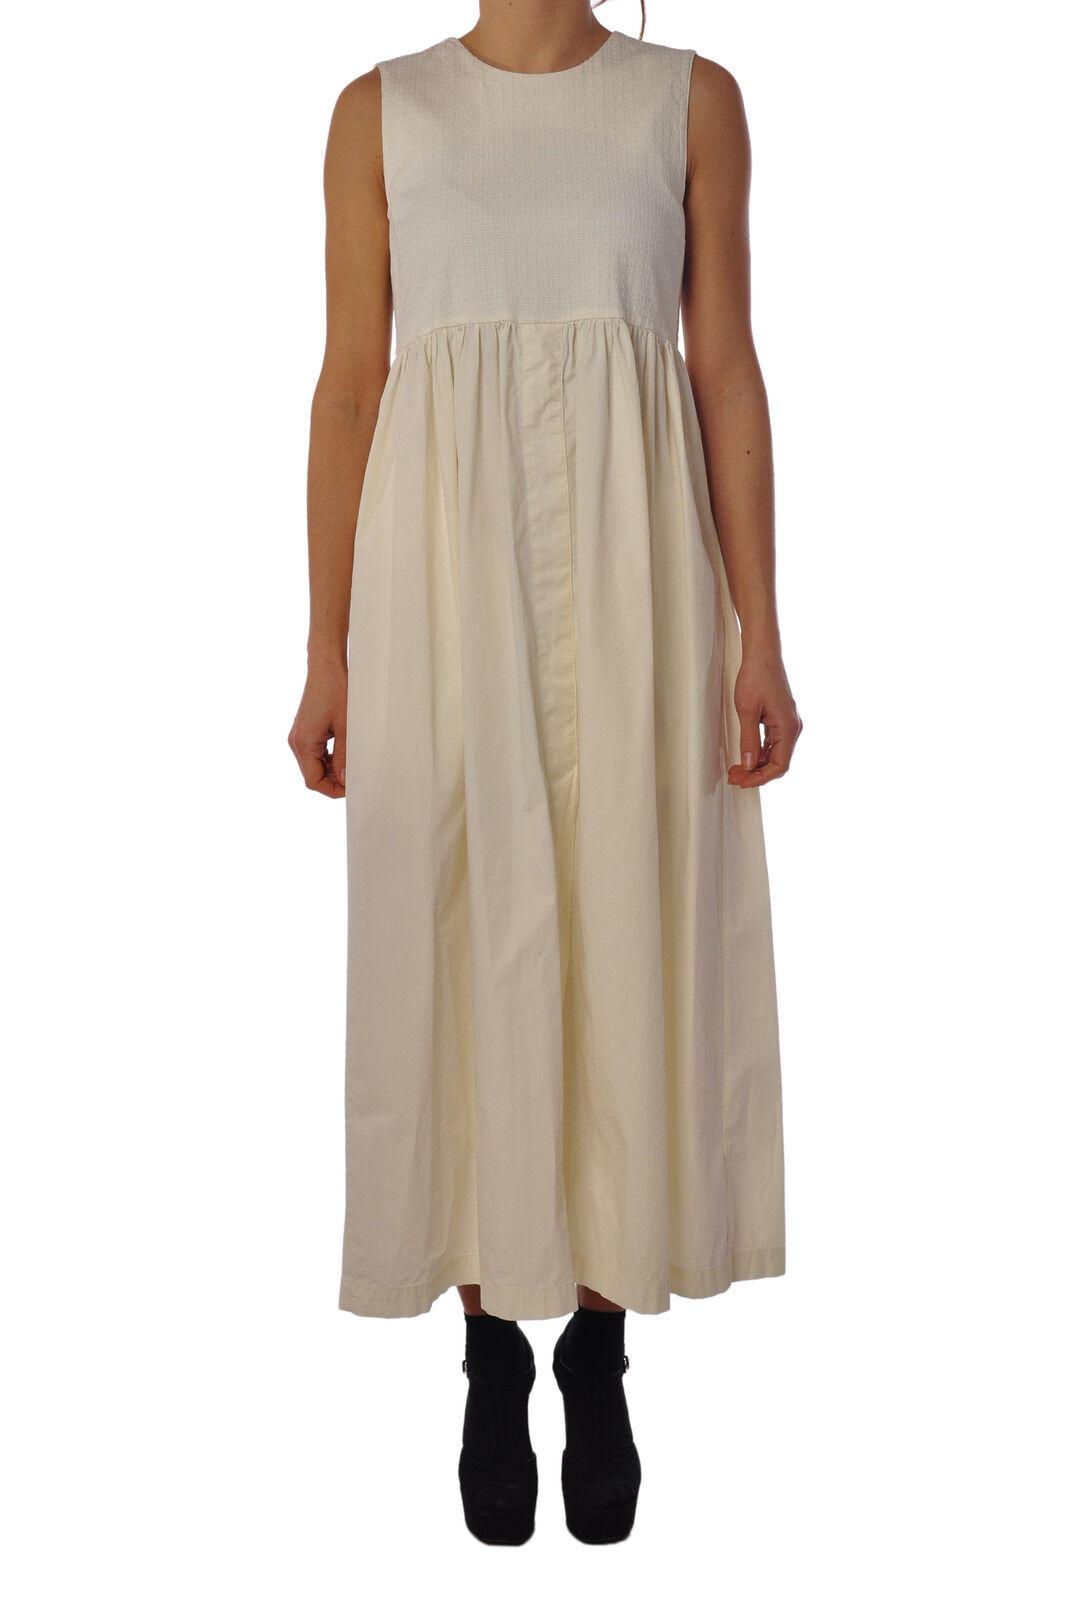 Departamento 5-longitud-Mujer-Xs -  blancoo - 1550026b161038  comprar nuevo barato